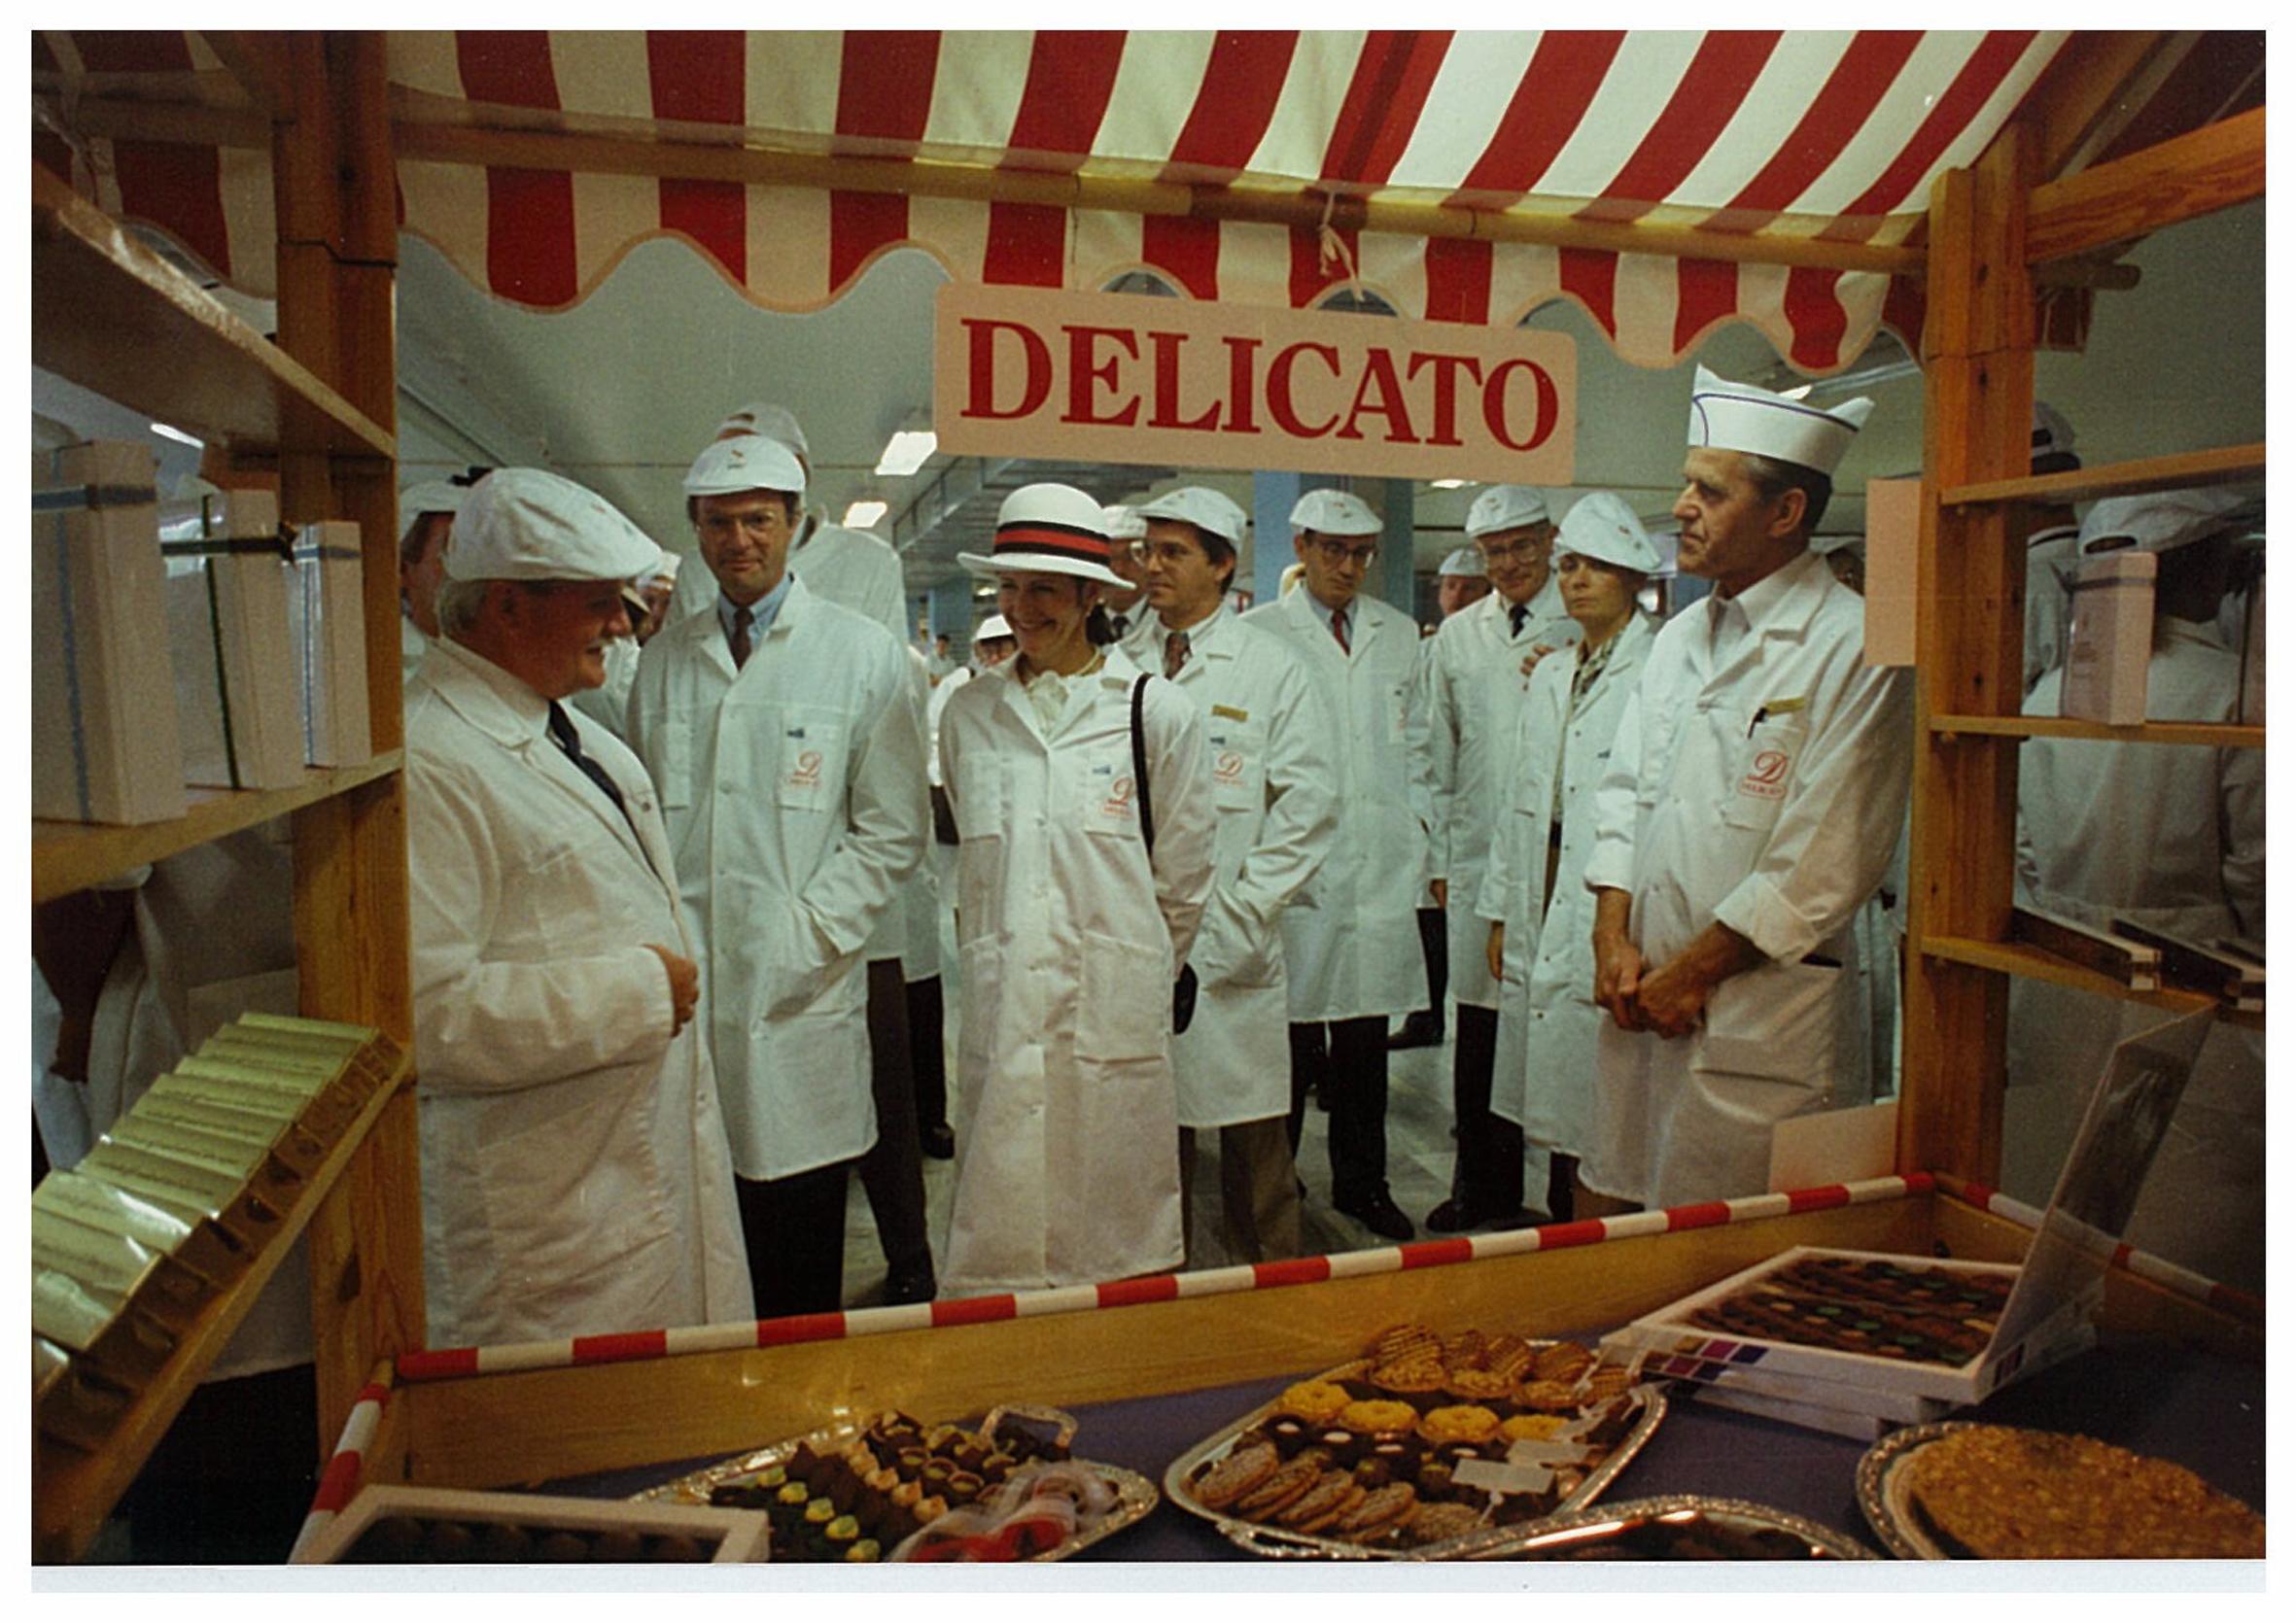 Kungabesök hos Delicato 1991 i samband med utmärkelsen som Kunglig Hovleverantör.